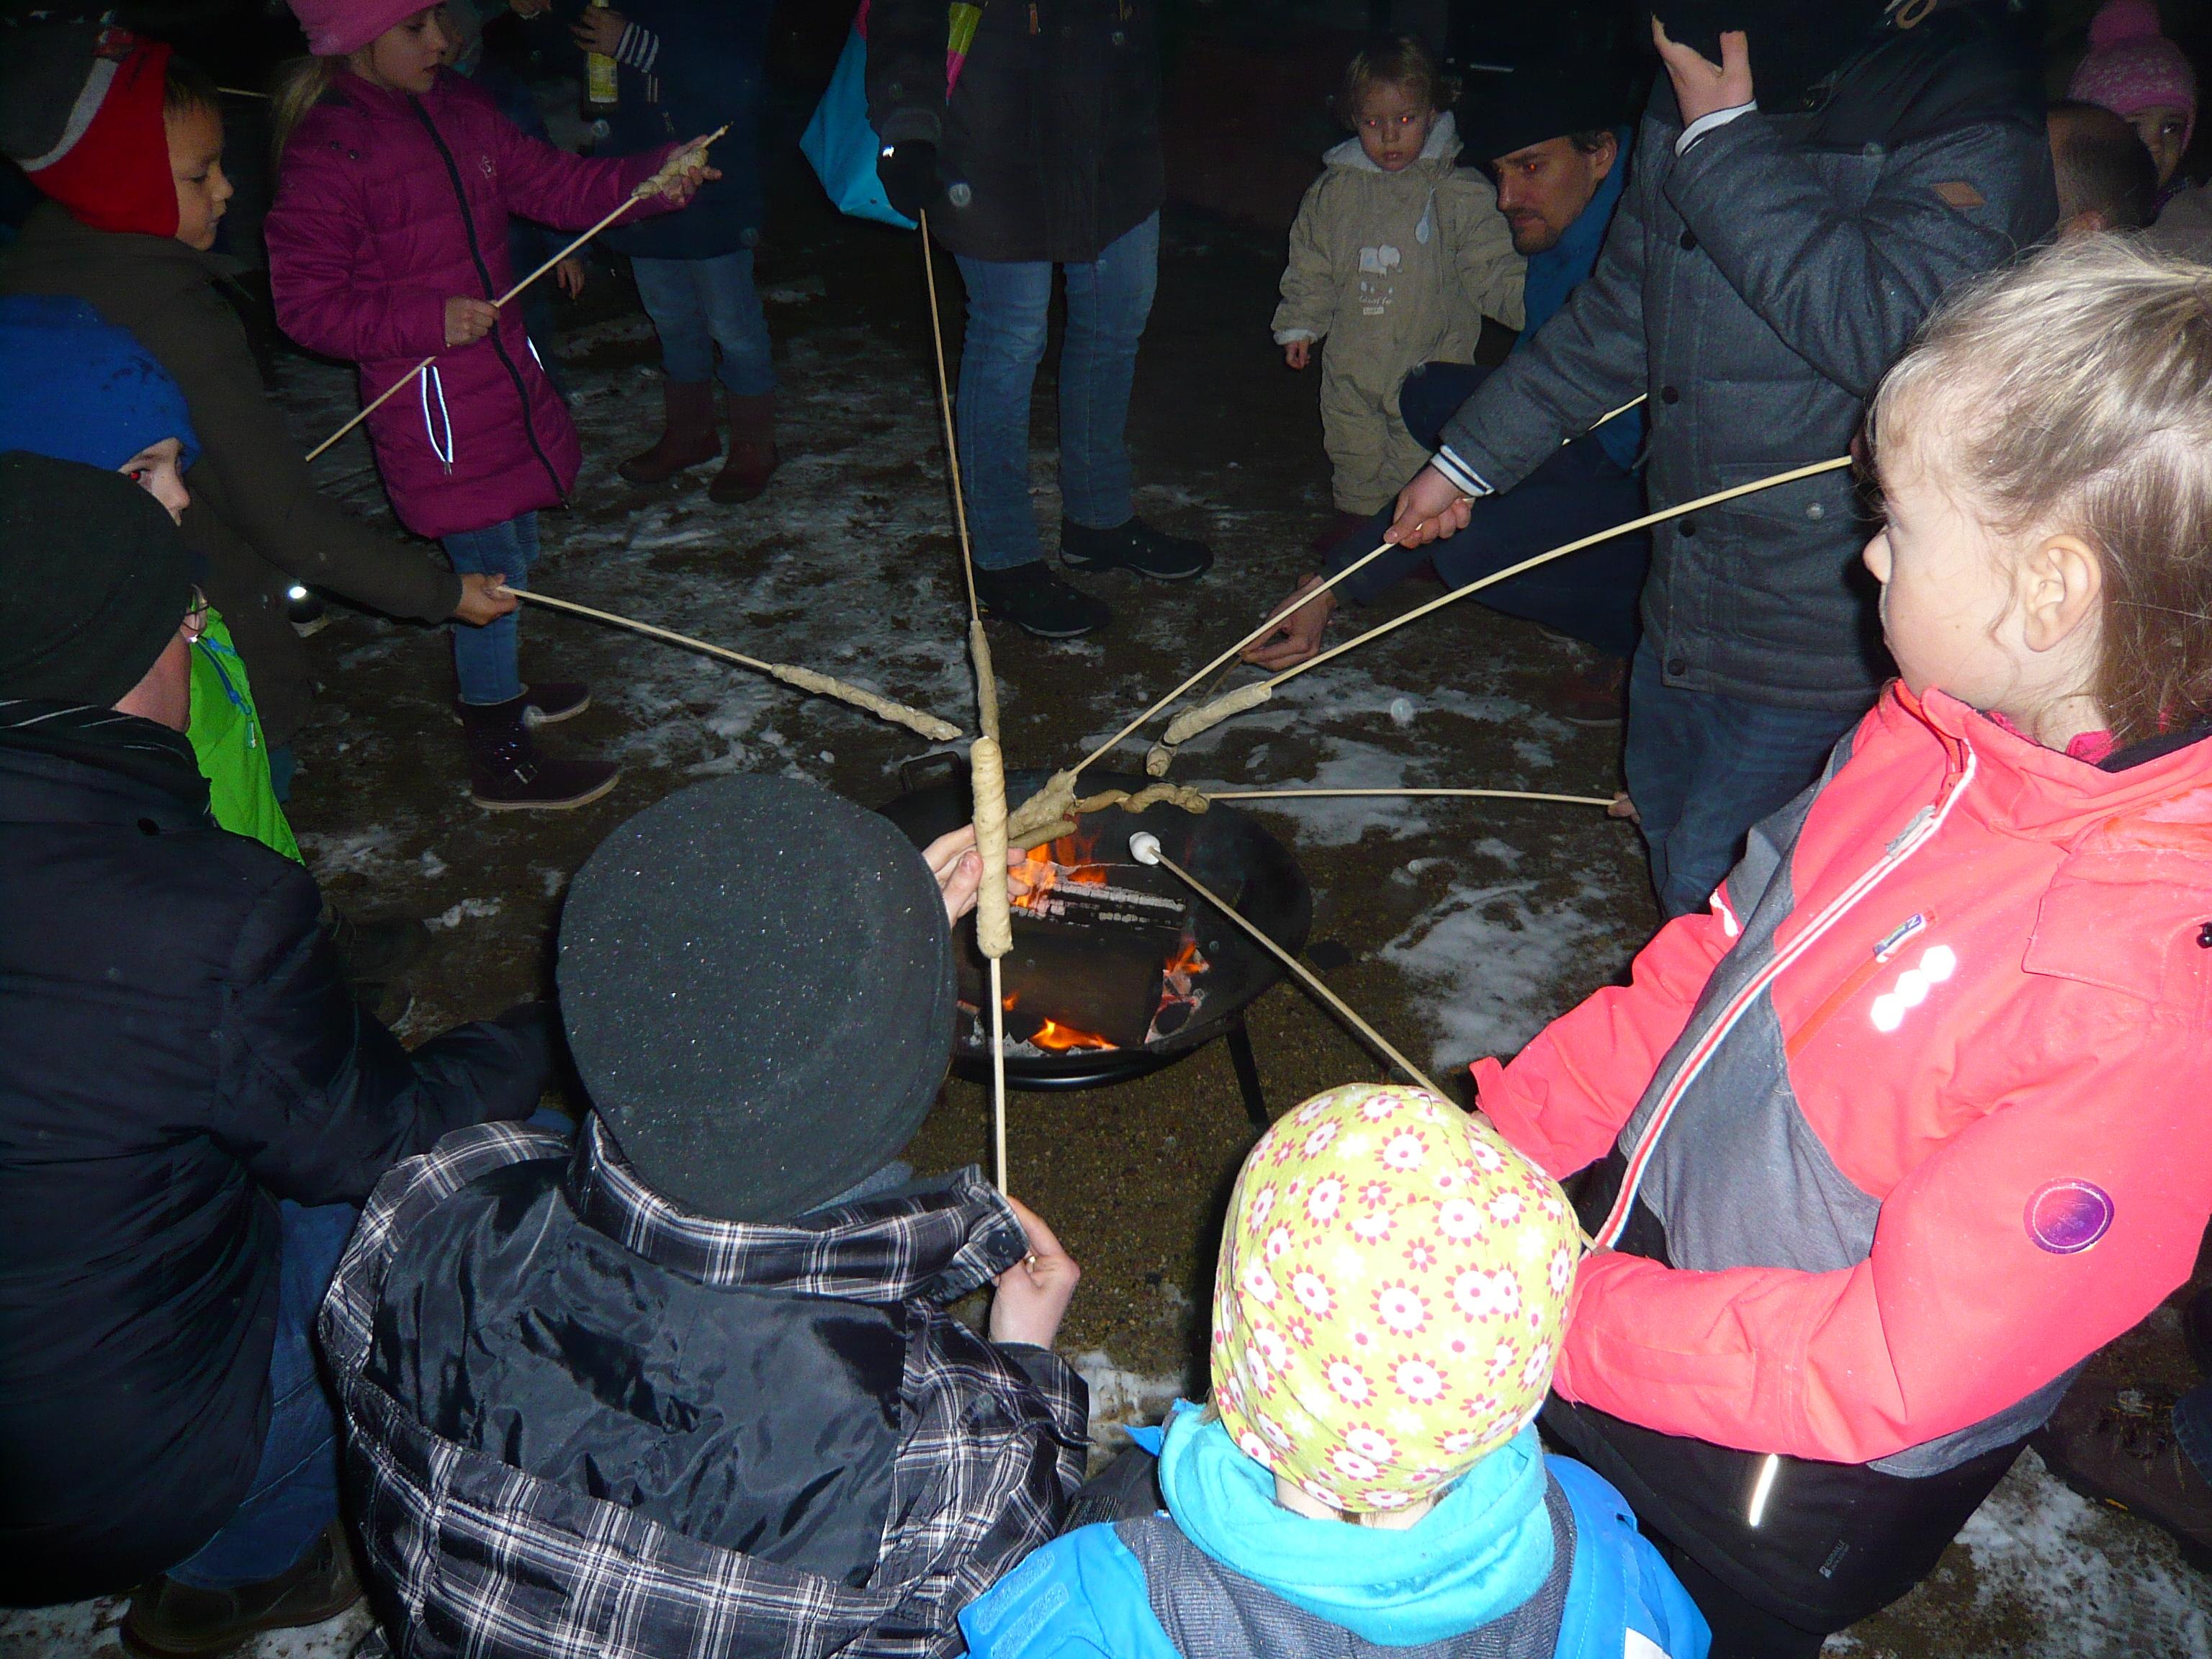 17 Kids und zahlreiche Erwachsene beim Winter-Stockbrot-Feuer vor dem Quartierladen